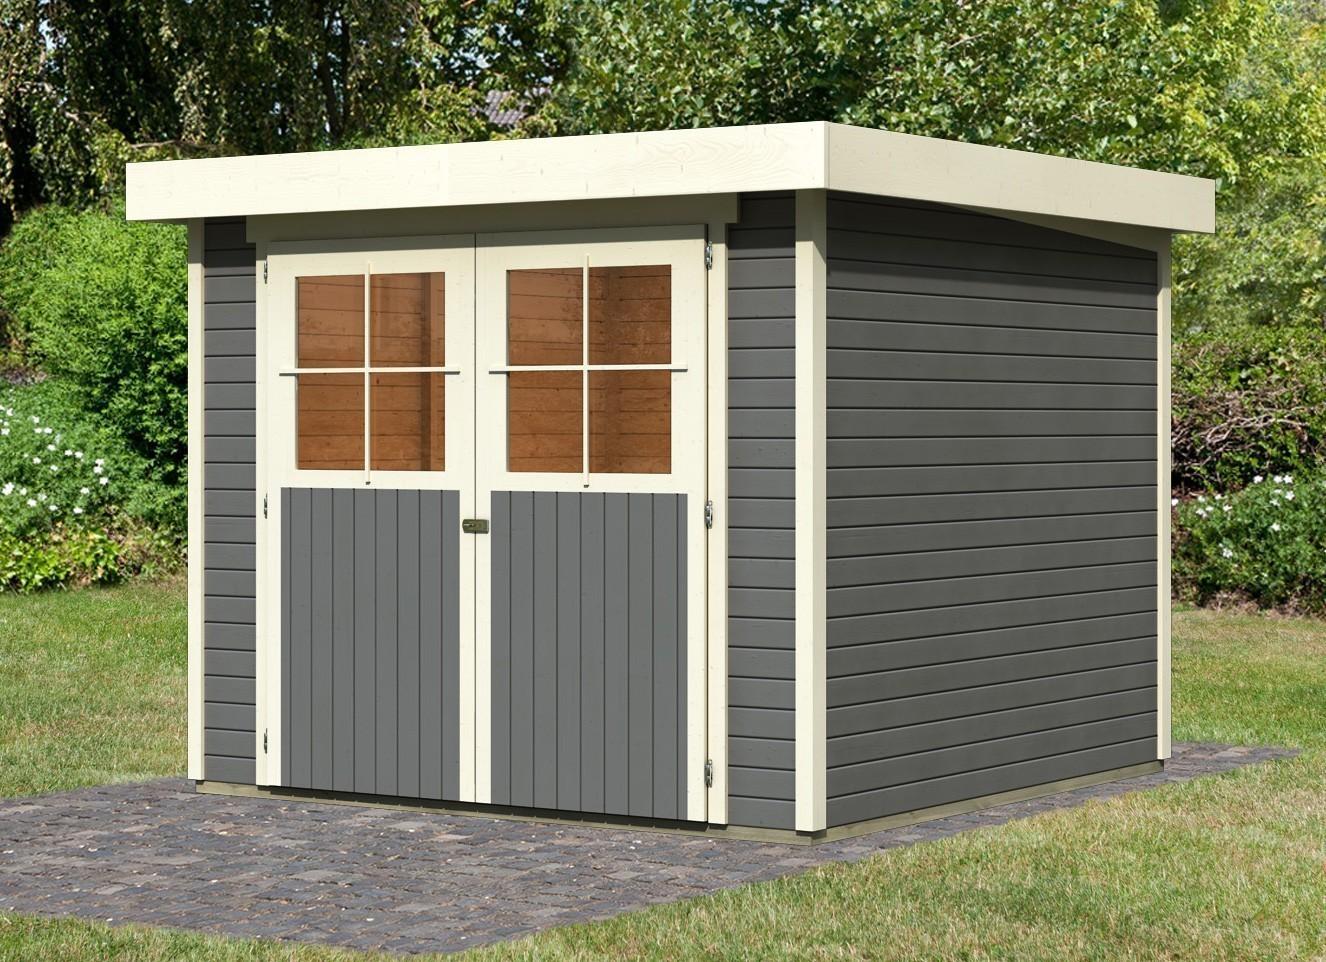 Gartenhaus Holz Verzieht Sich